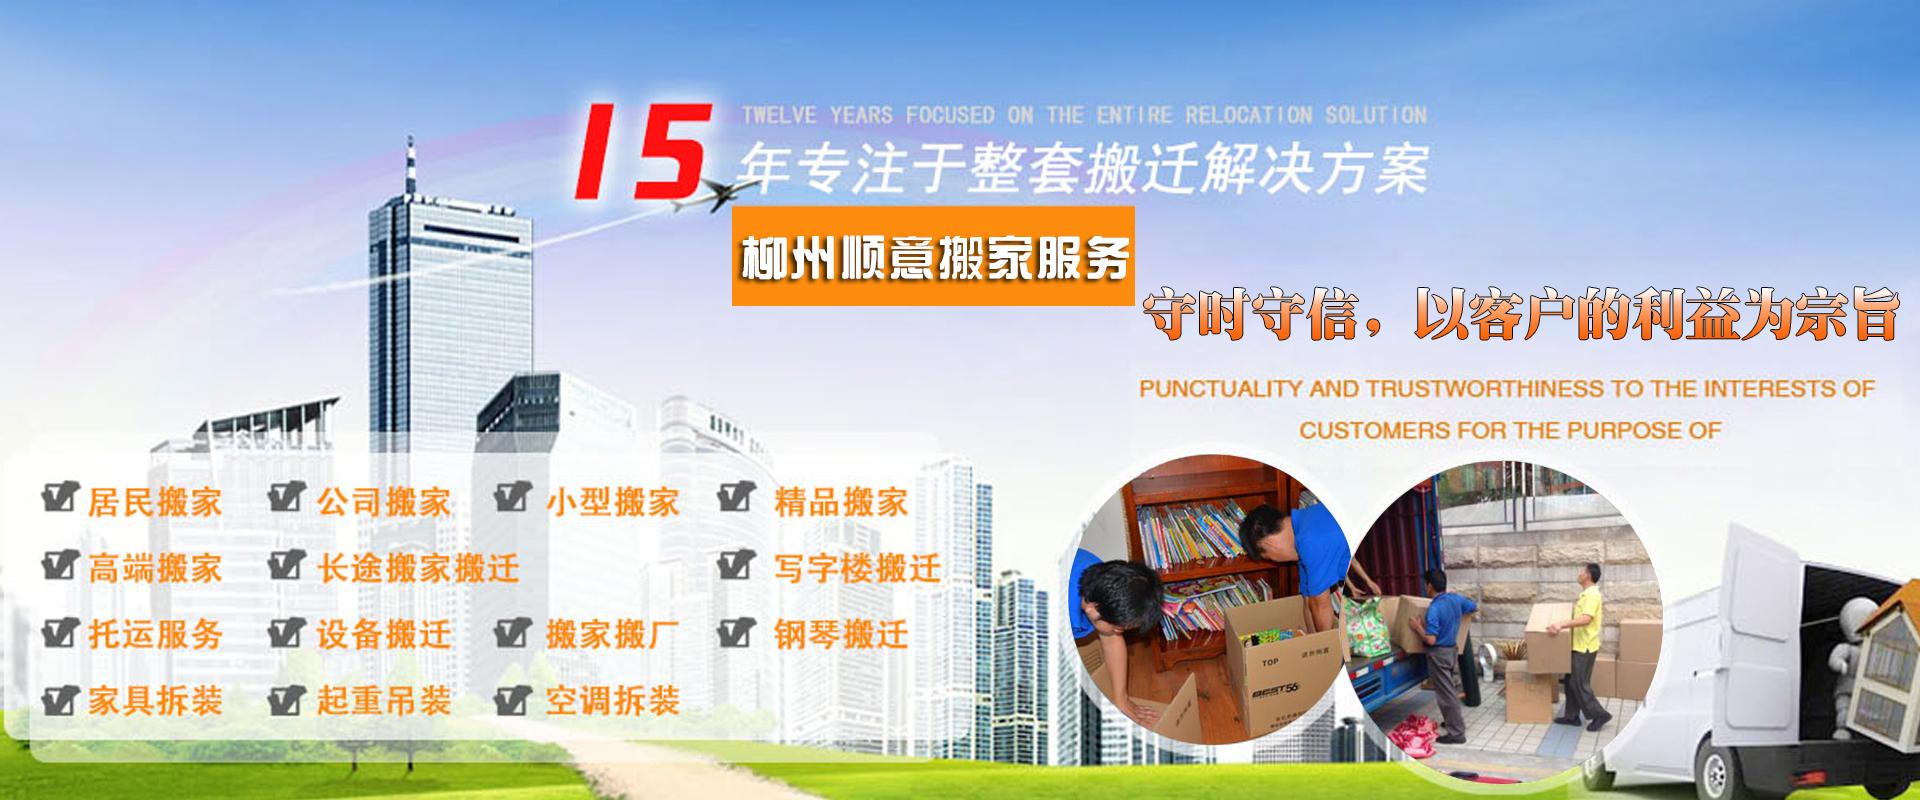 柳州柳东新区设备搬运搬家公司讲讲搬家的讲究规则